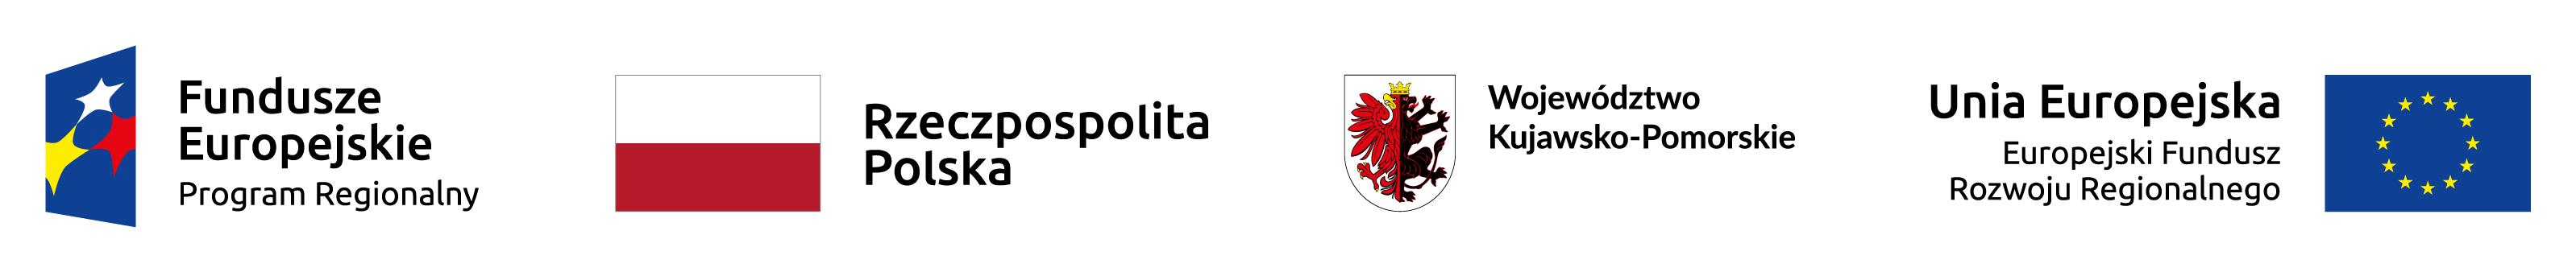 Logotypy Unijne wersja pl